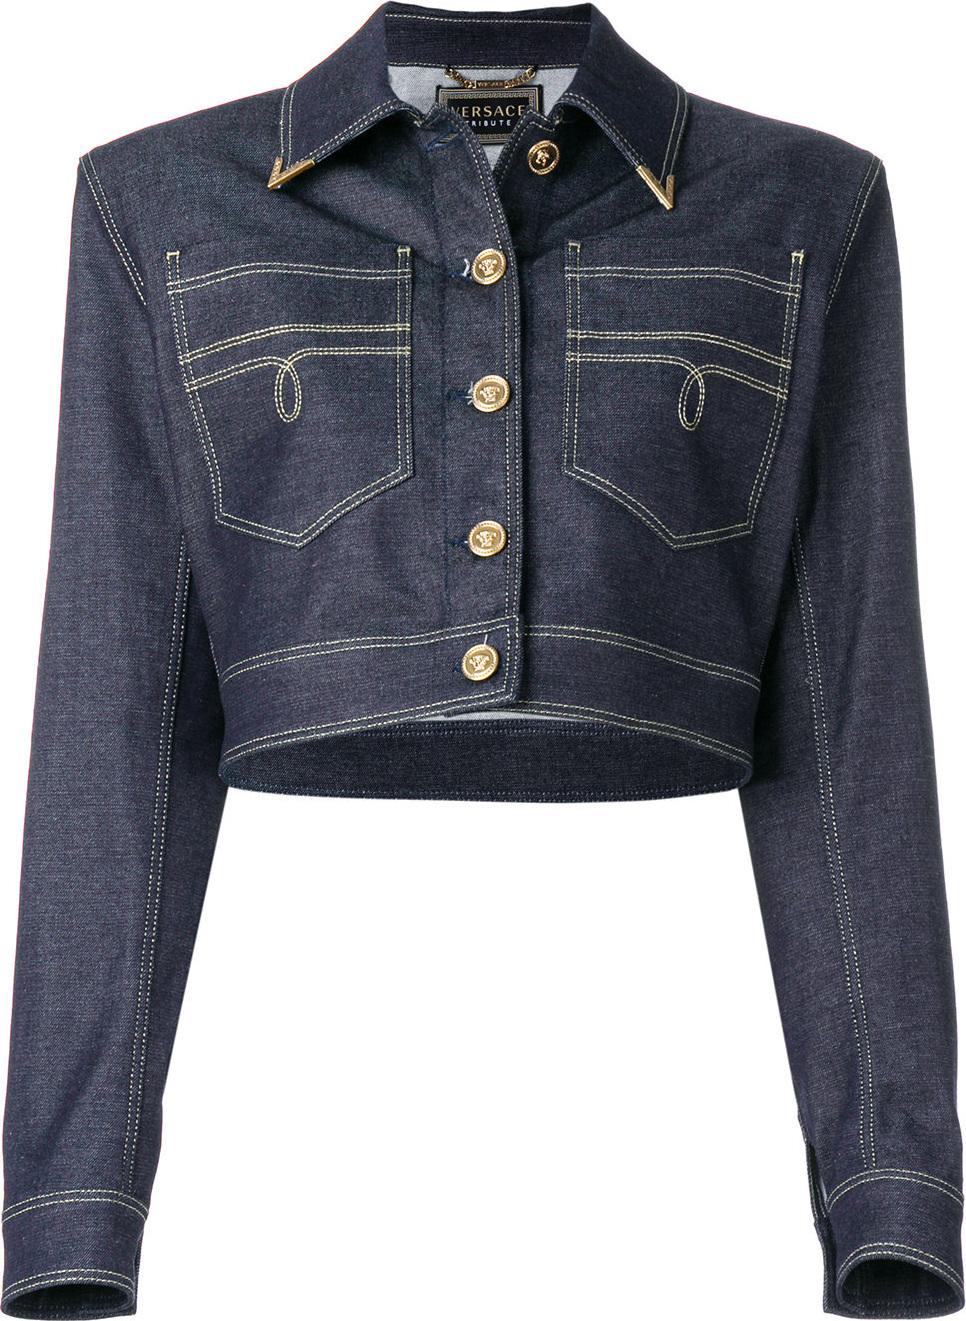 Versace - Structured denim jacket